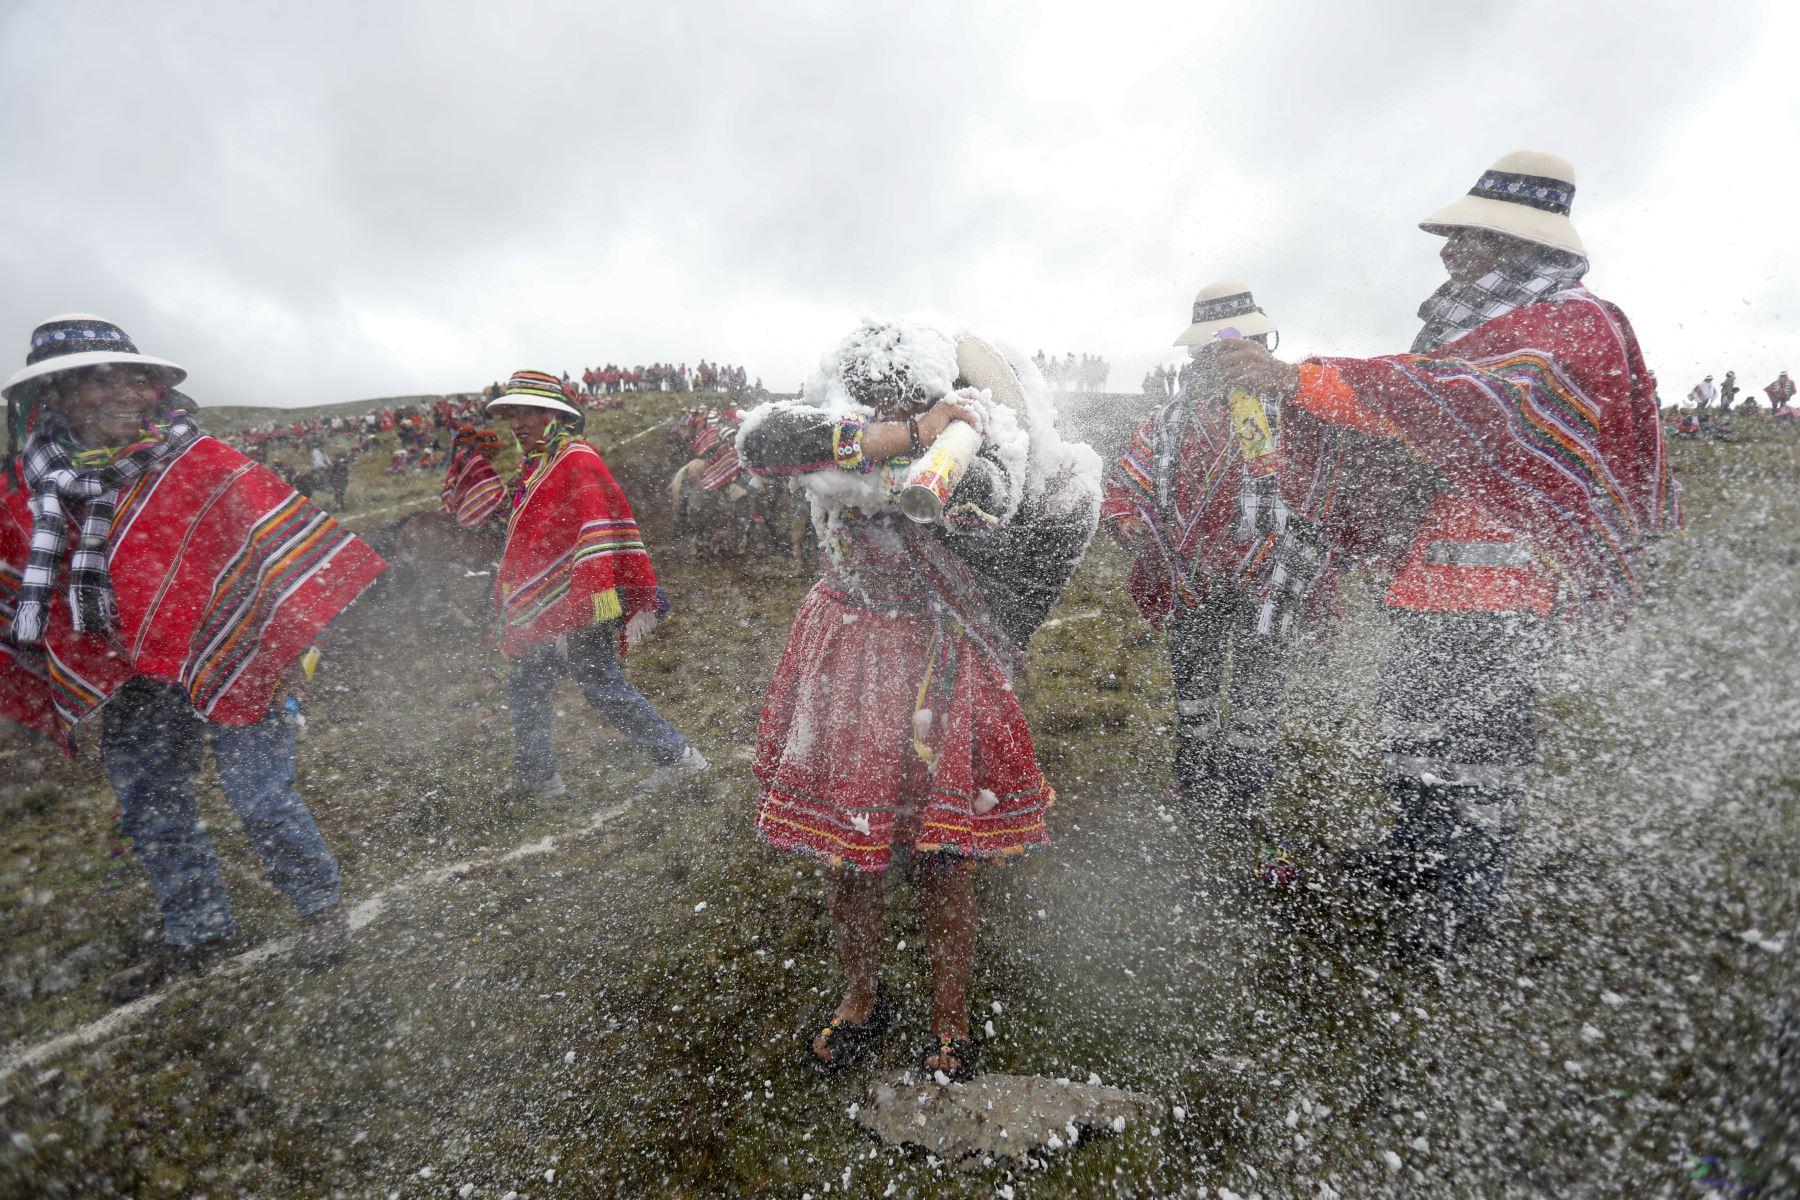 Se lanzan además aerosoles de espuma para amenizar aún más la festividad. Foto: ANDINA/Renato Pajuelo